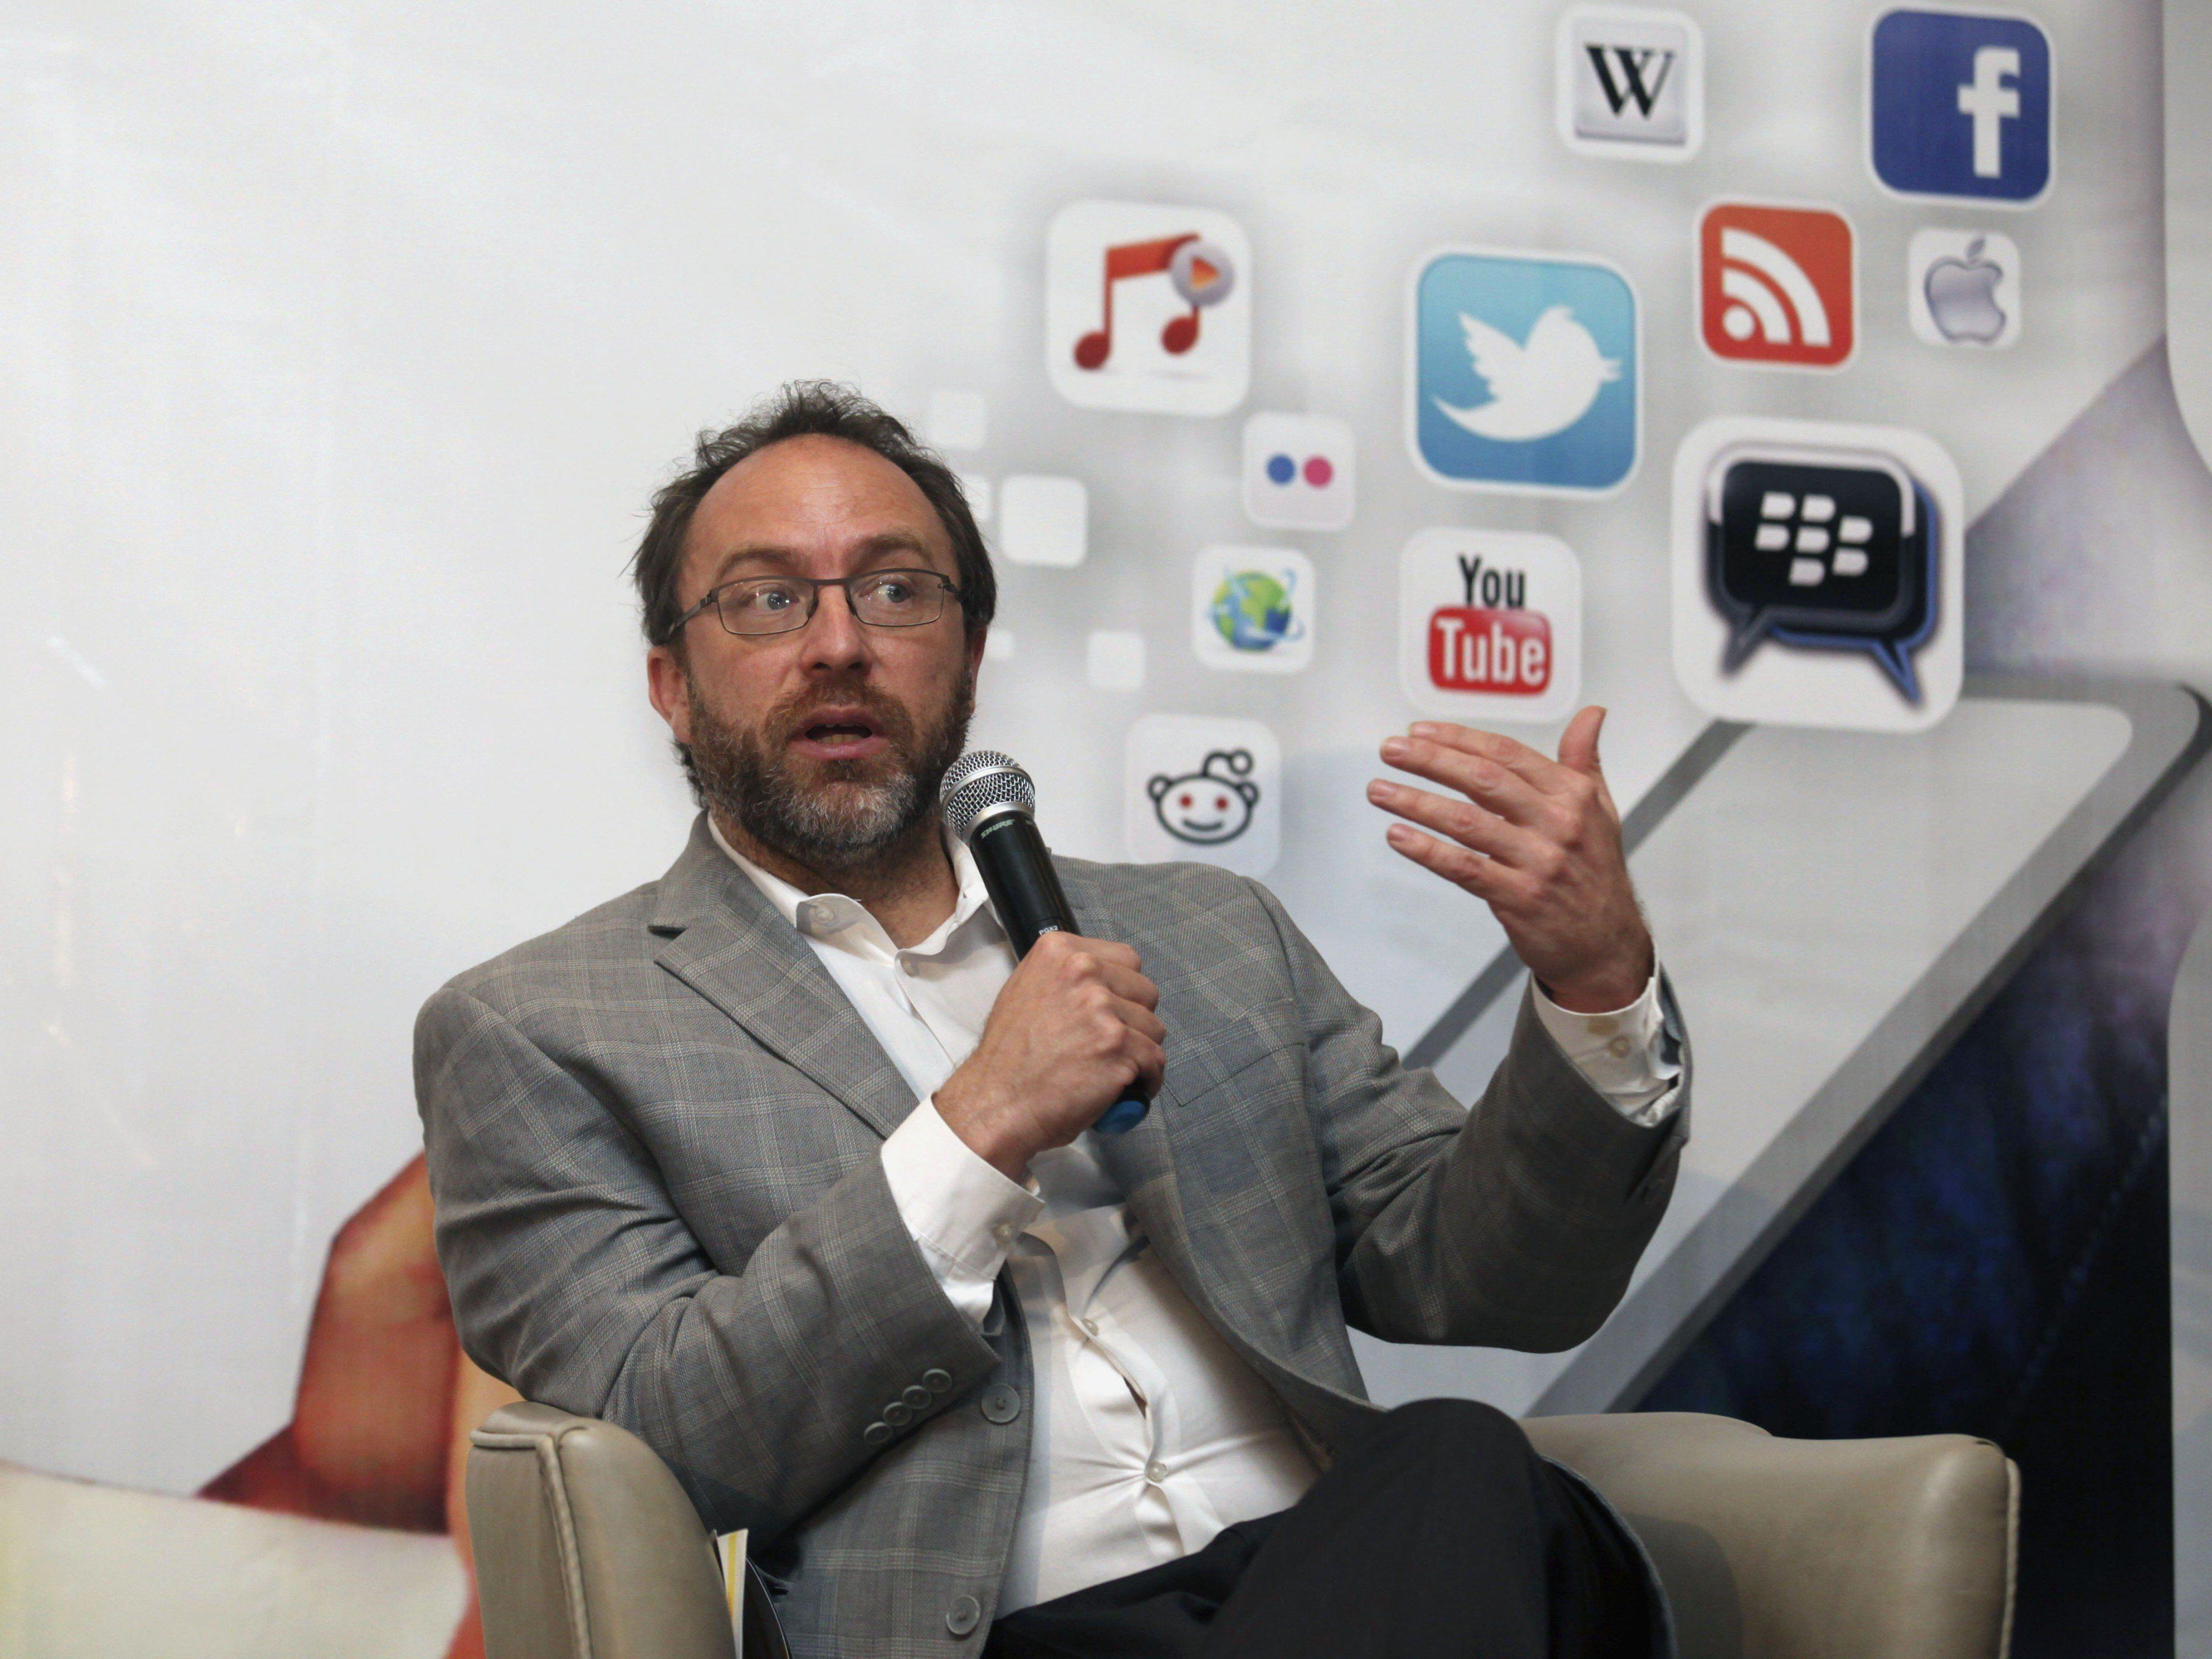 Wales will Soziale Netzwerke aufmischen